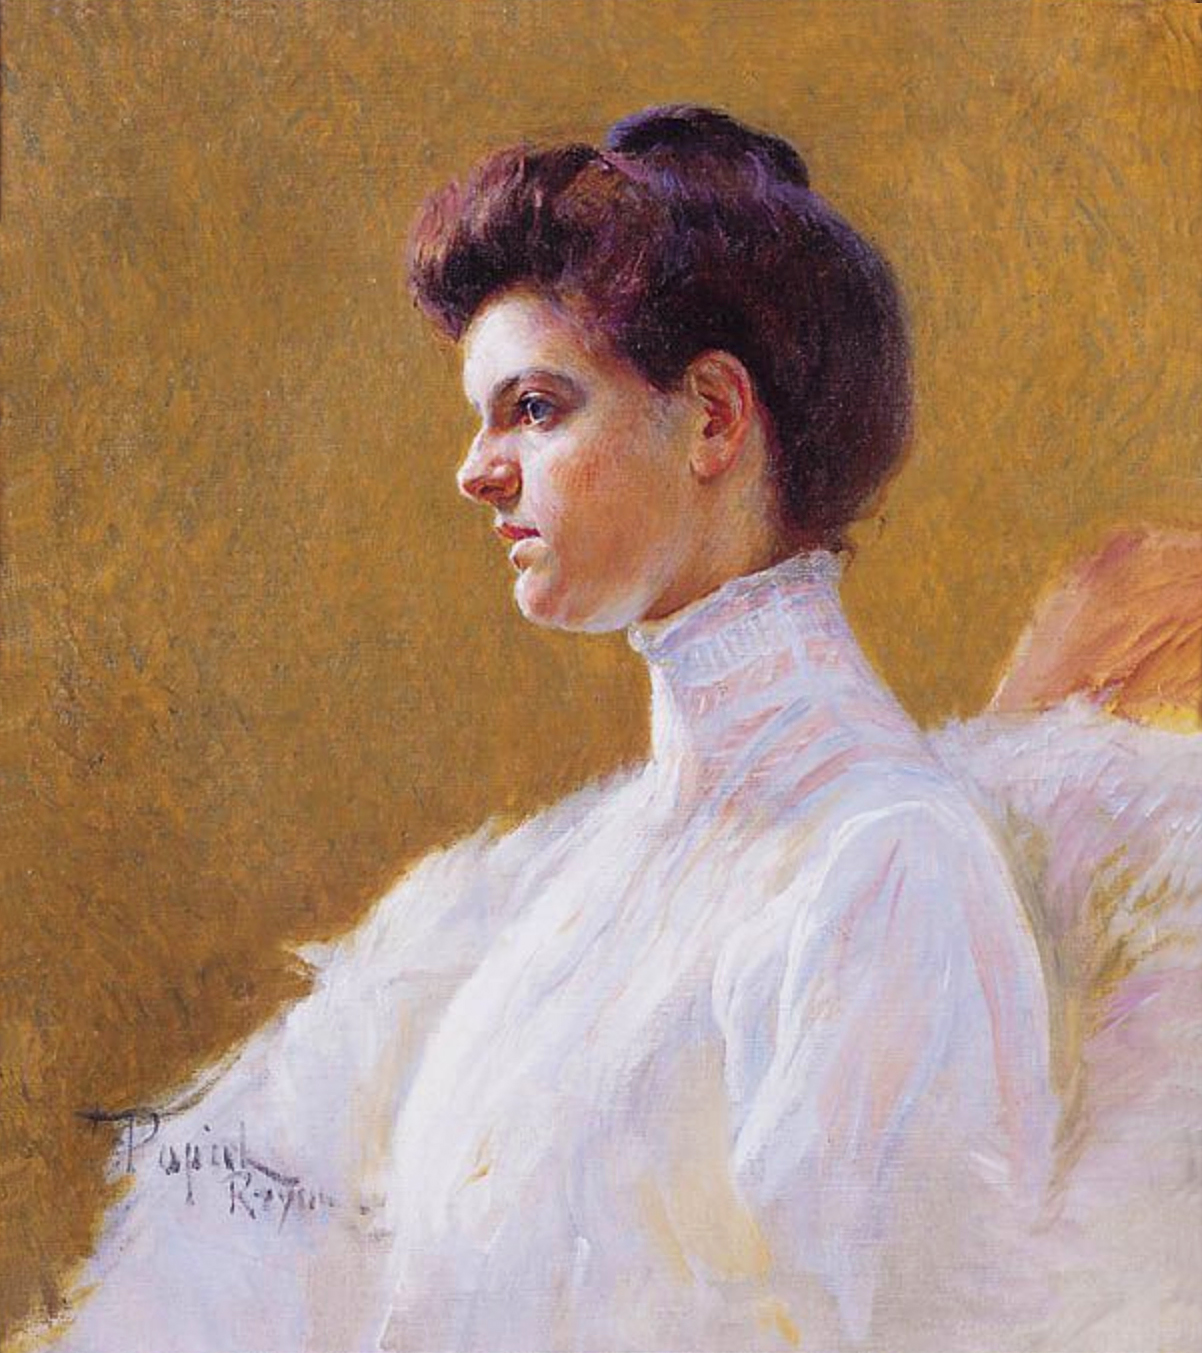 Тадеуш Попель. Портрет молодої жінки; 1900; олія, полотно